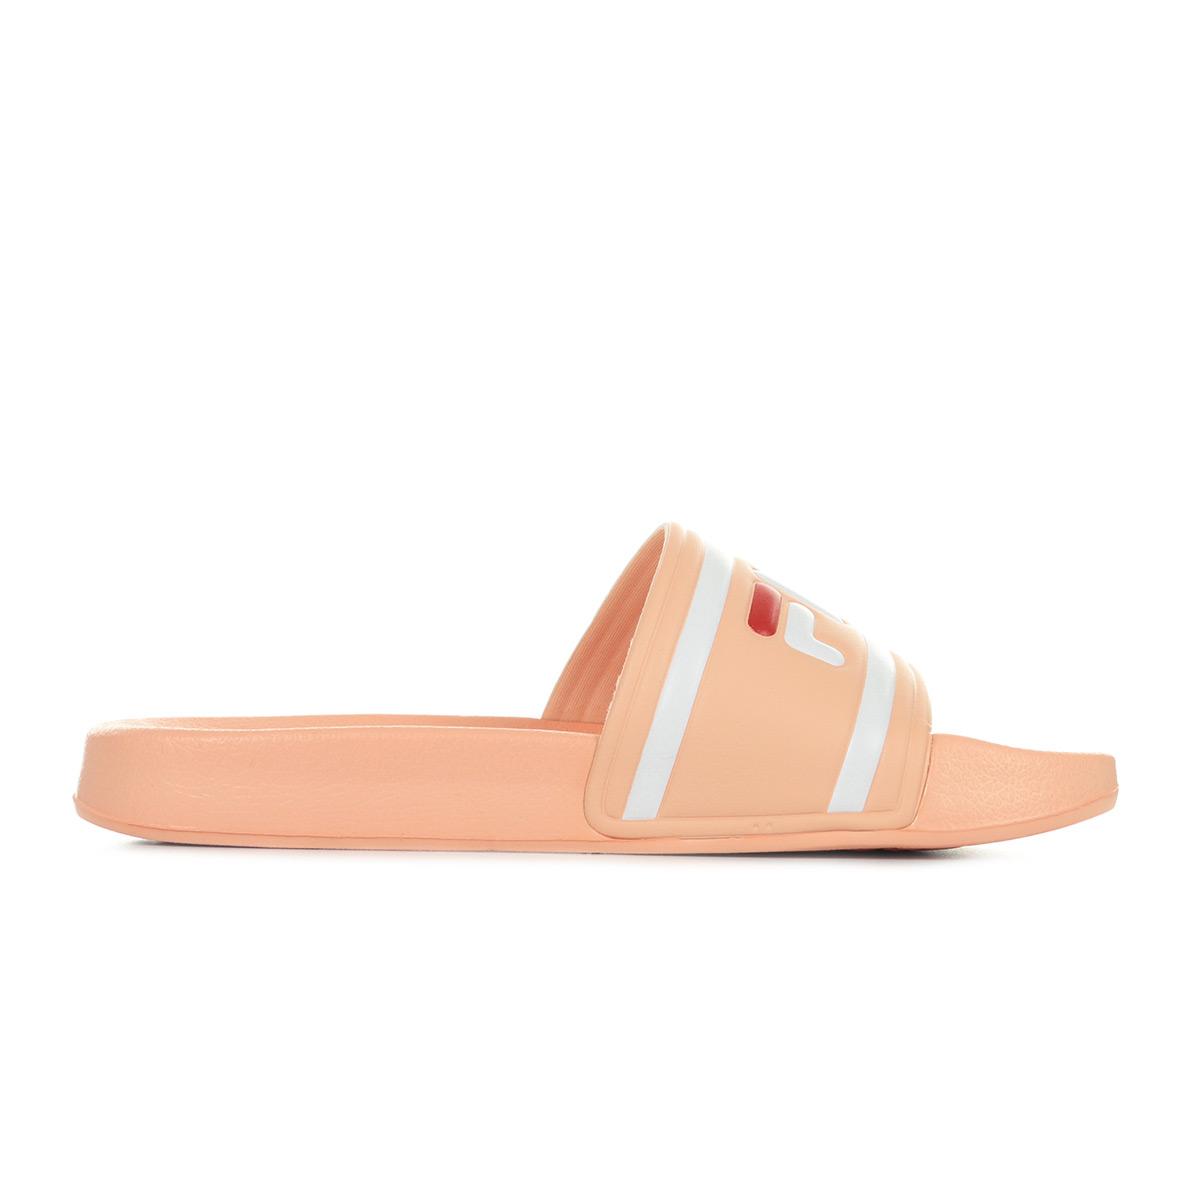 Détails sur Chaussures Claquettes Fila femme Morro Bay Slipper taille Saumon Caoutchouc A